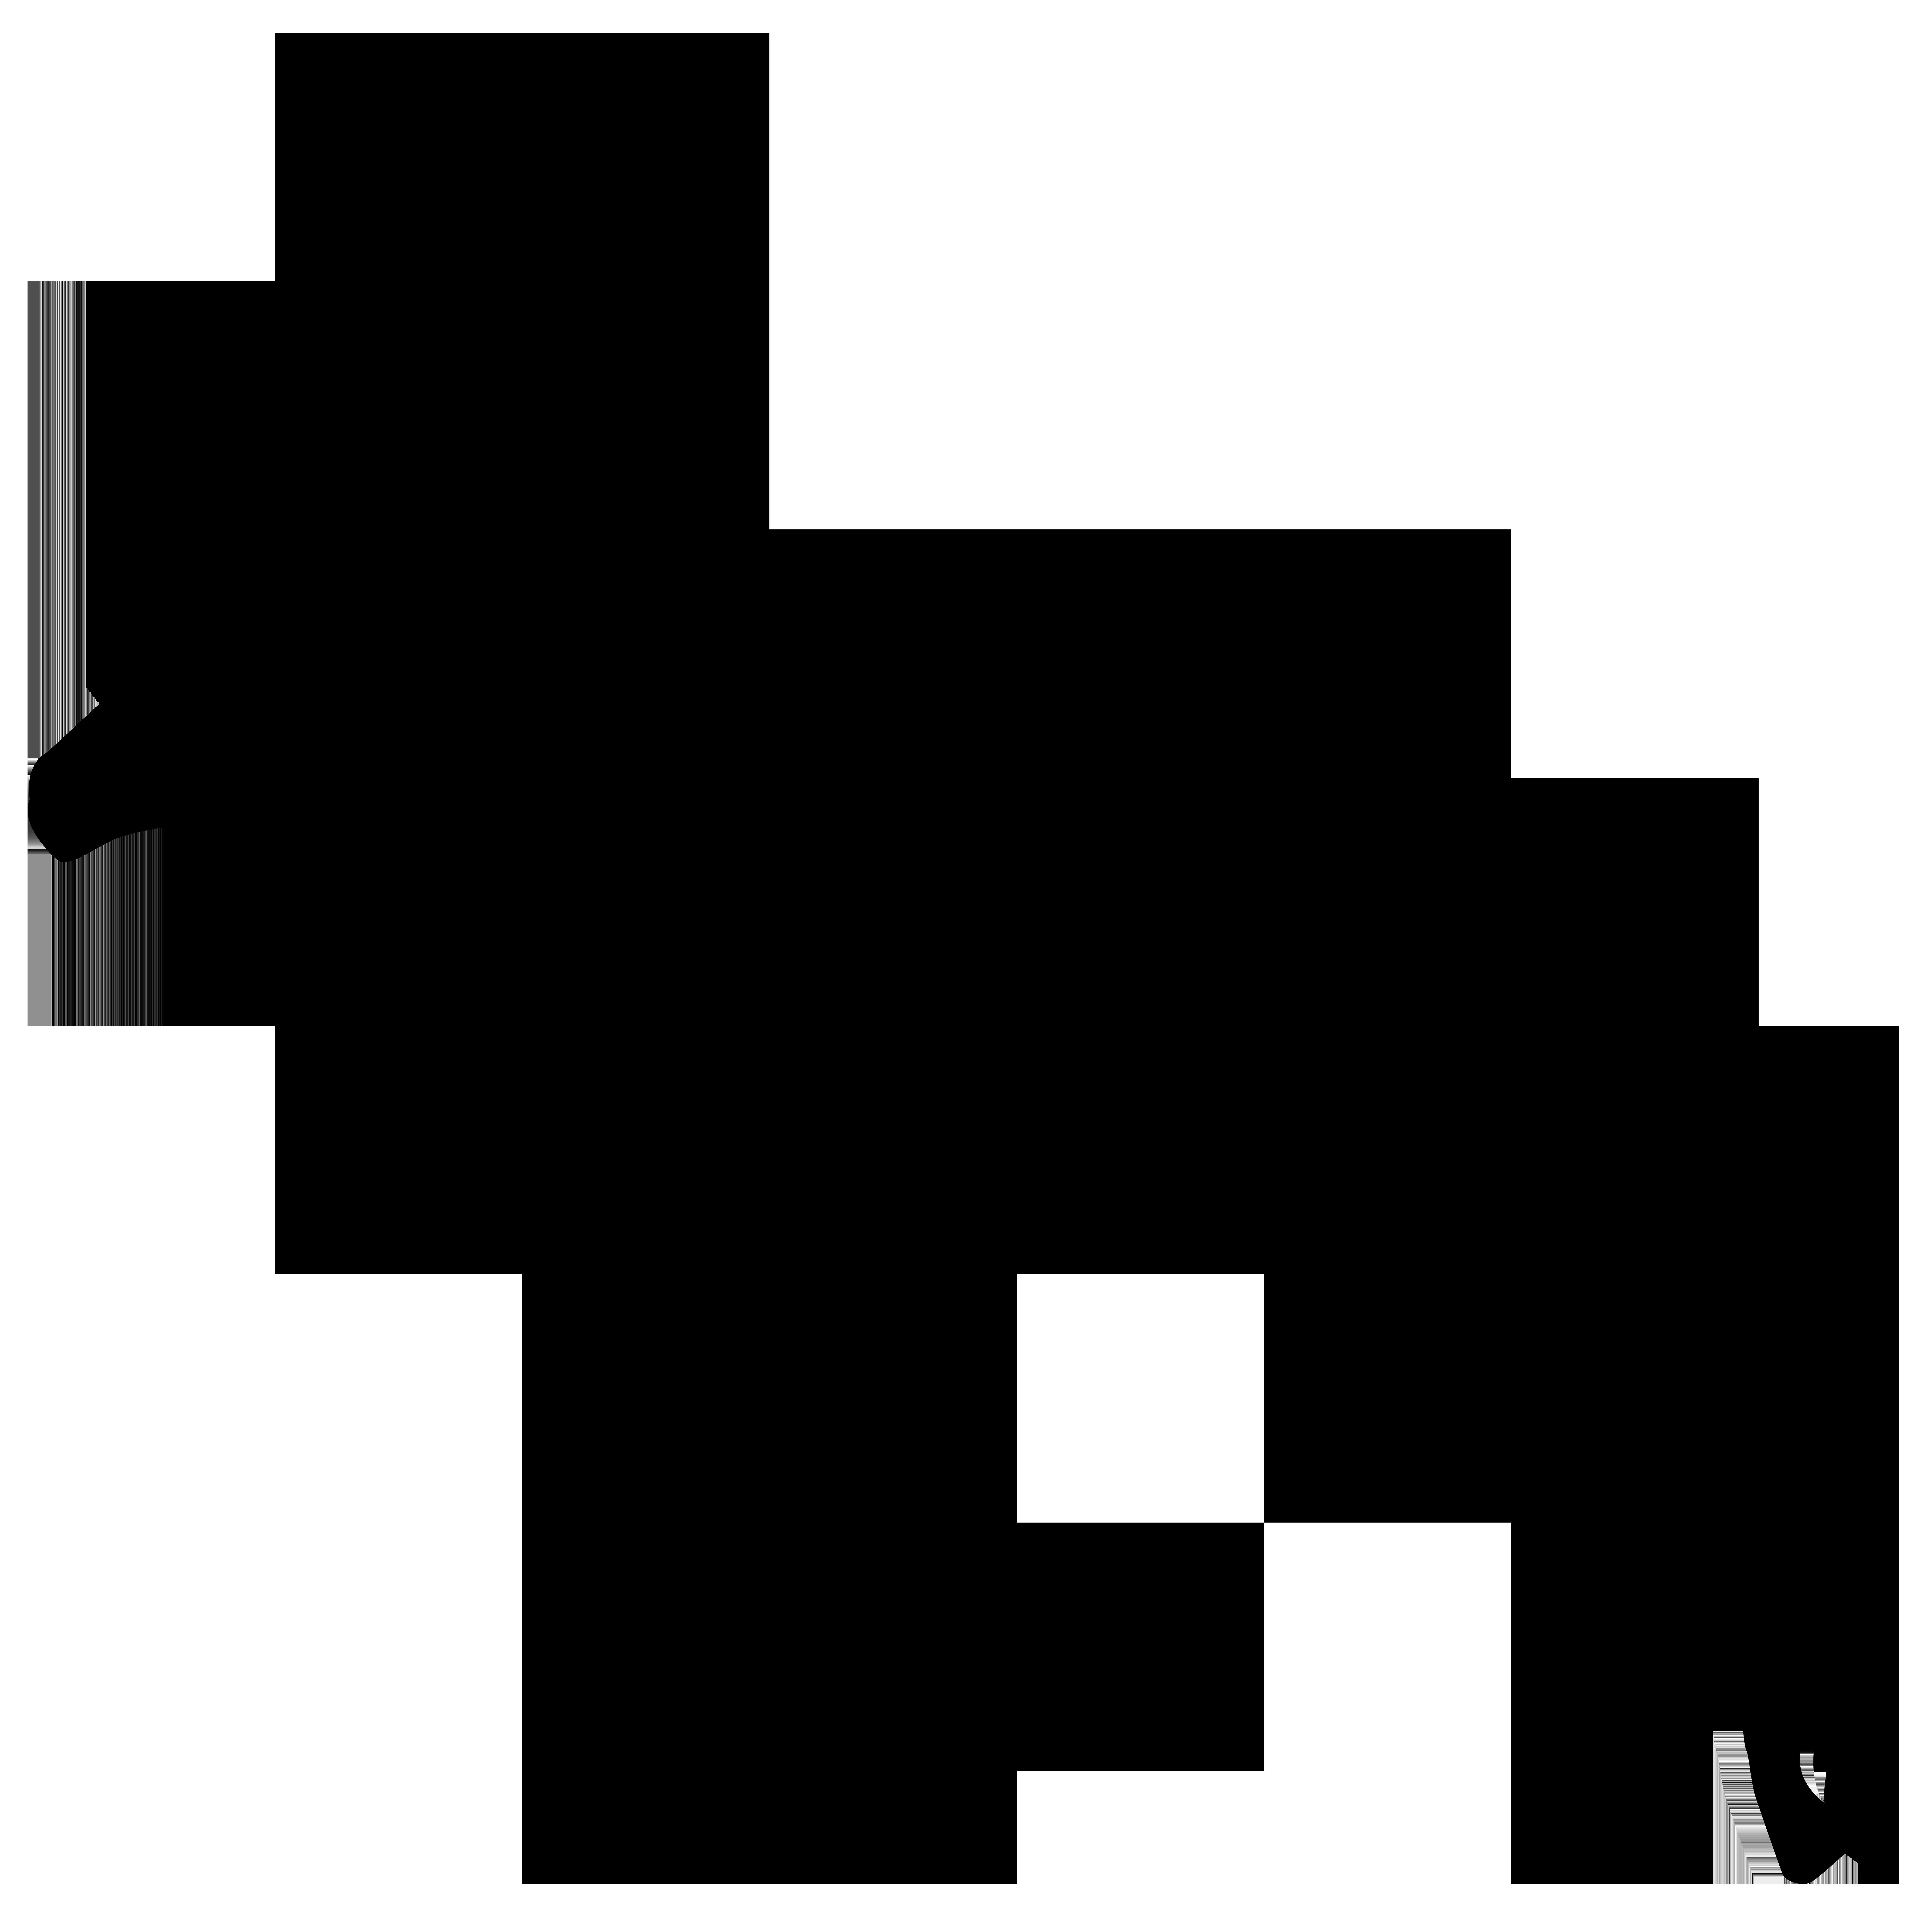 Gazelle Silhouette PNG Transparent Clip Art Image.